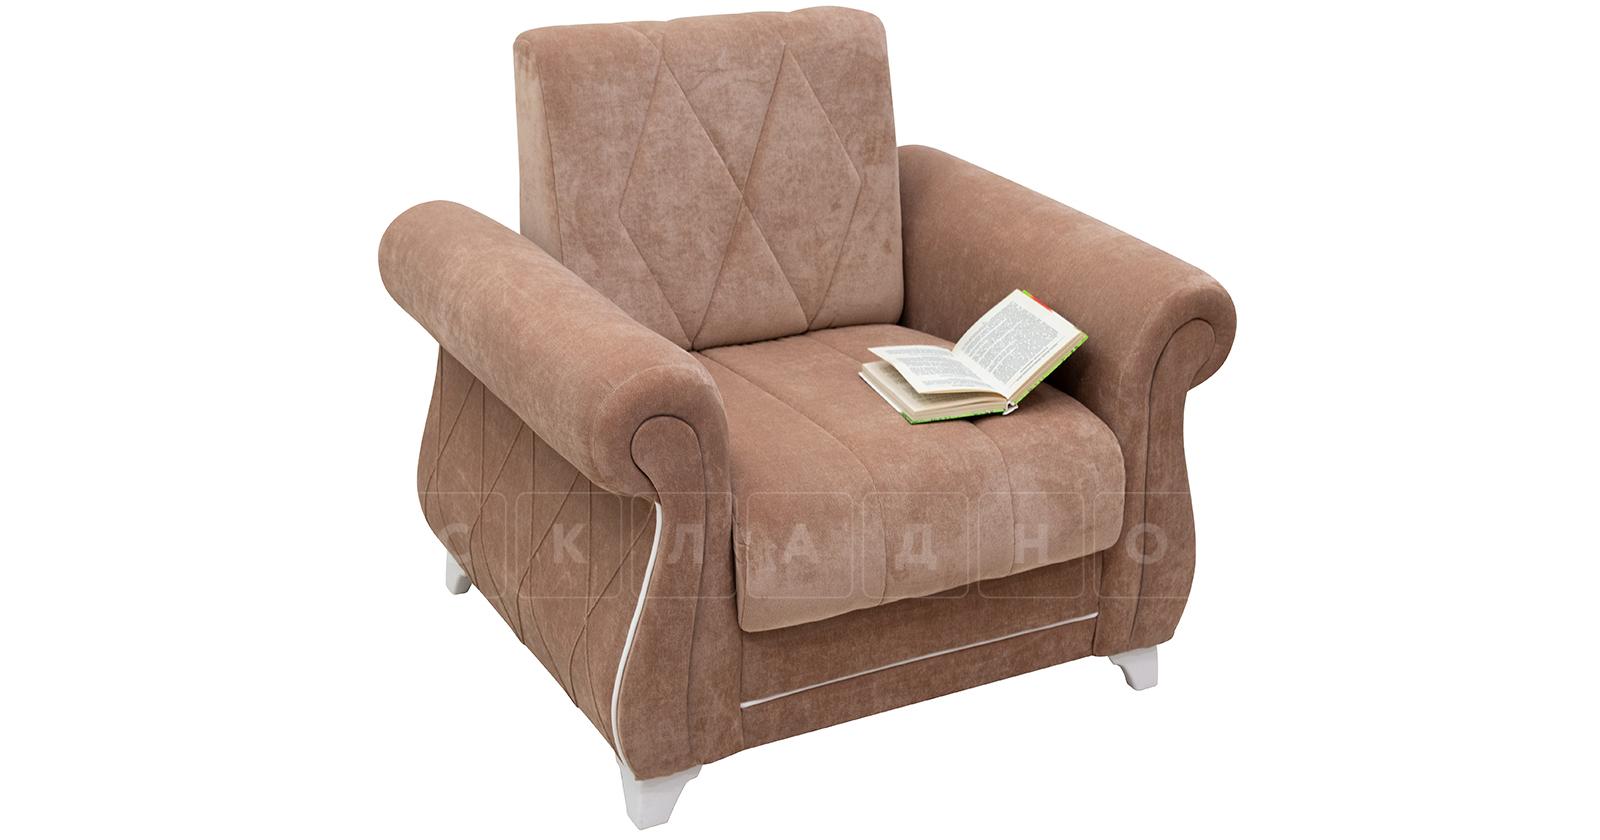 Кресло для отдыха Роза глиняный-коричневый фото 5   интернет-магазин Складно